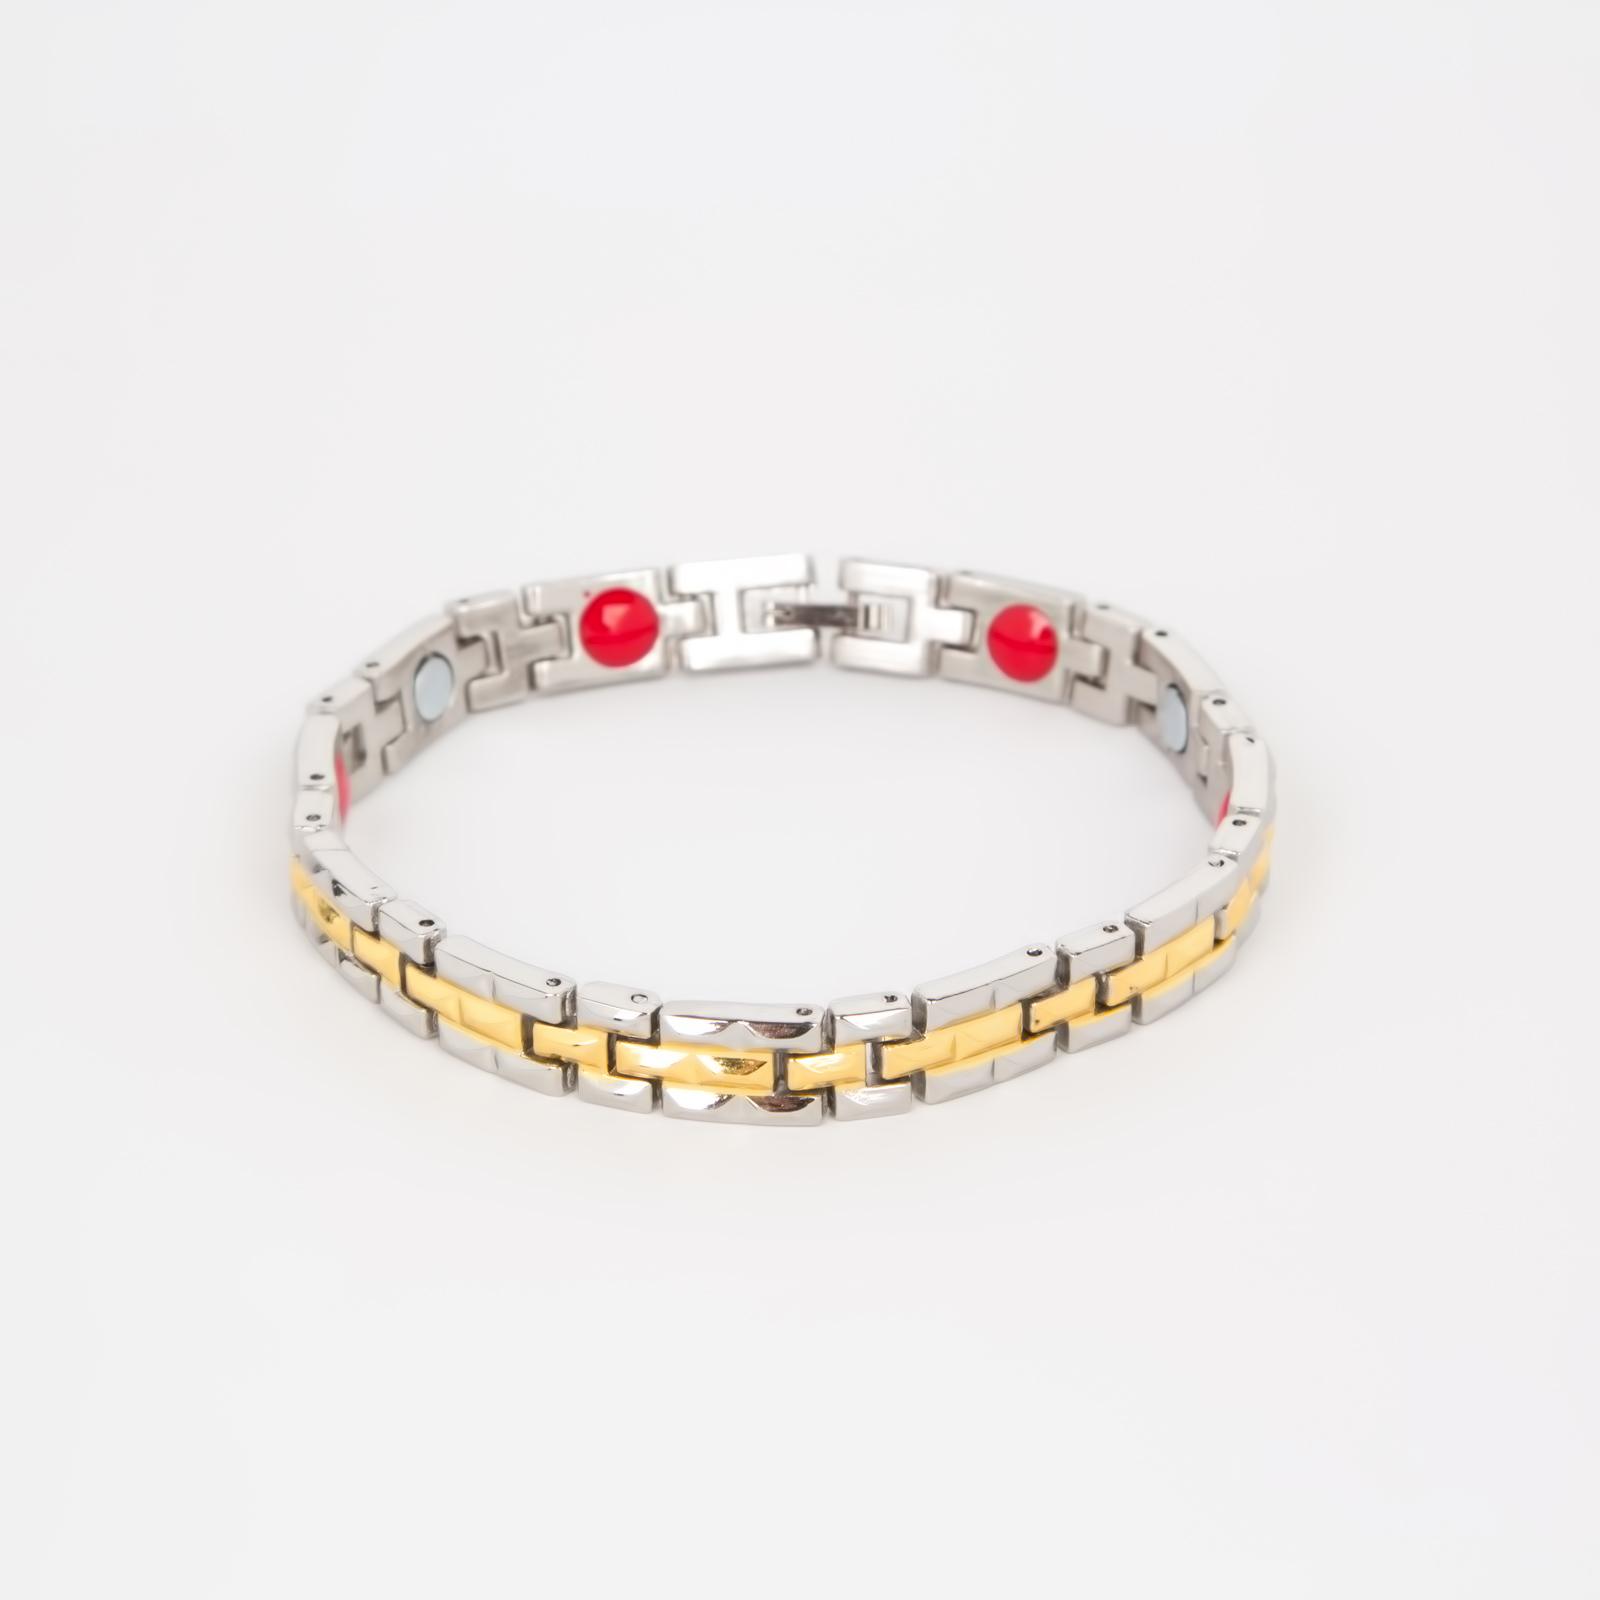 Браслет «Мечтательная леди» купить браслет пандора в интернет магазине оригинал